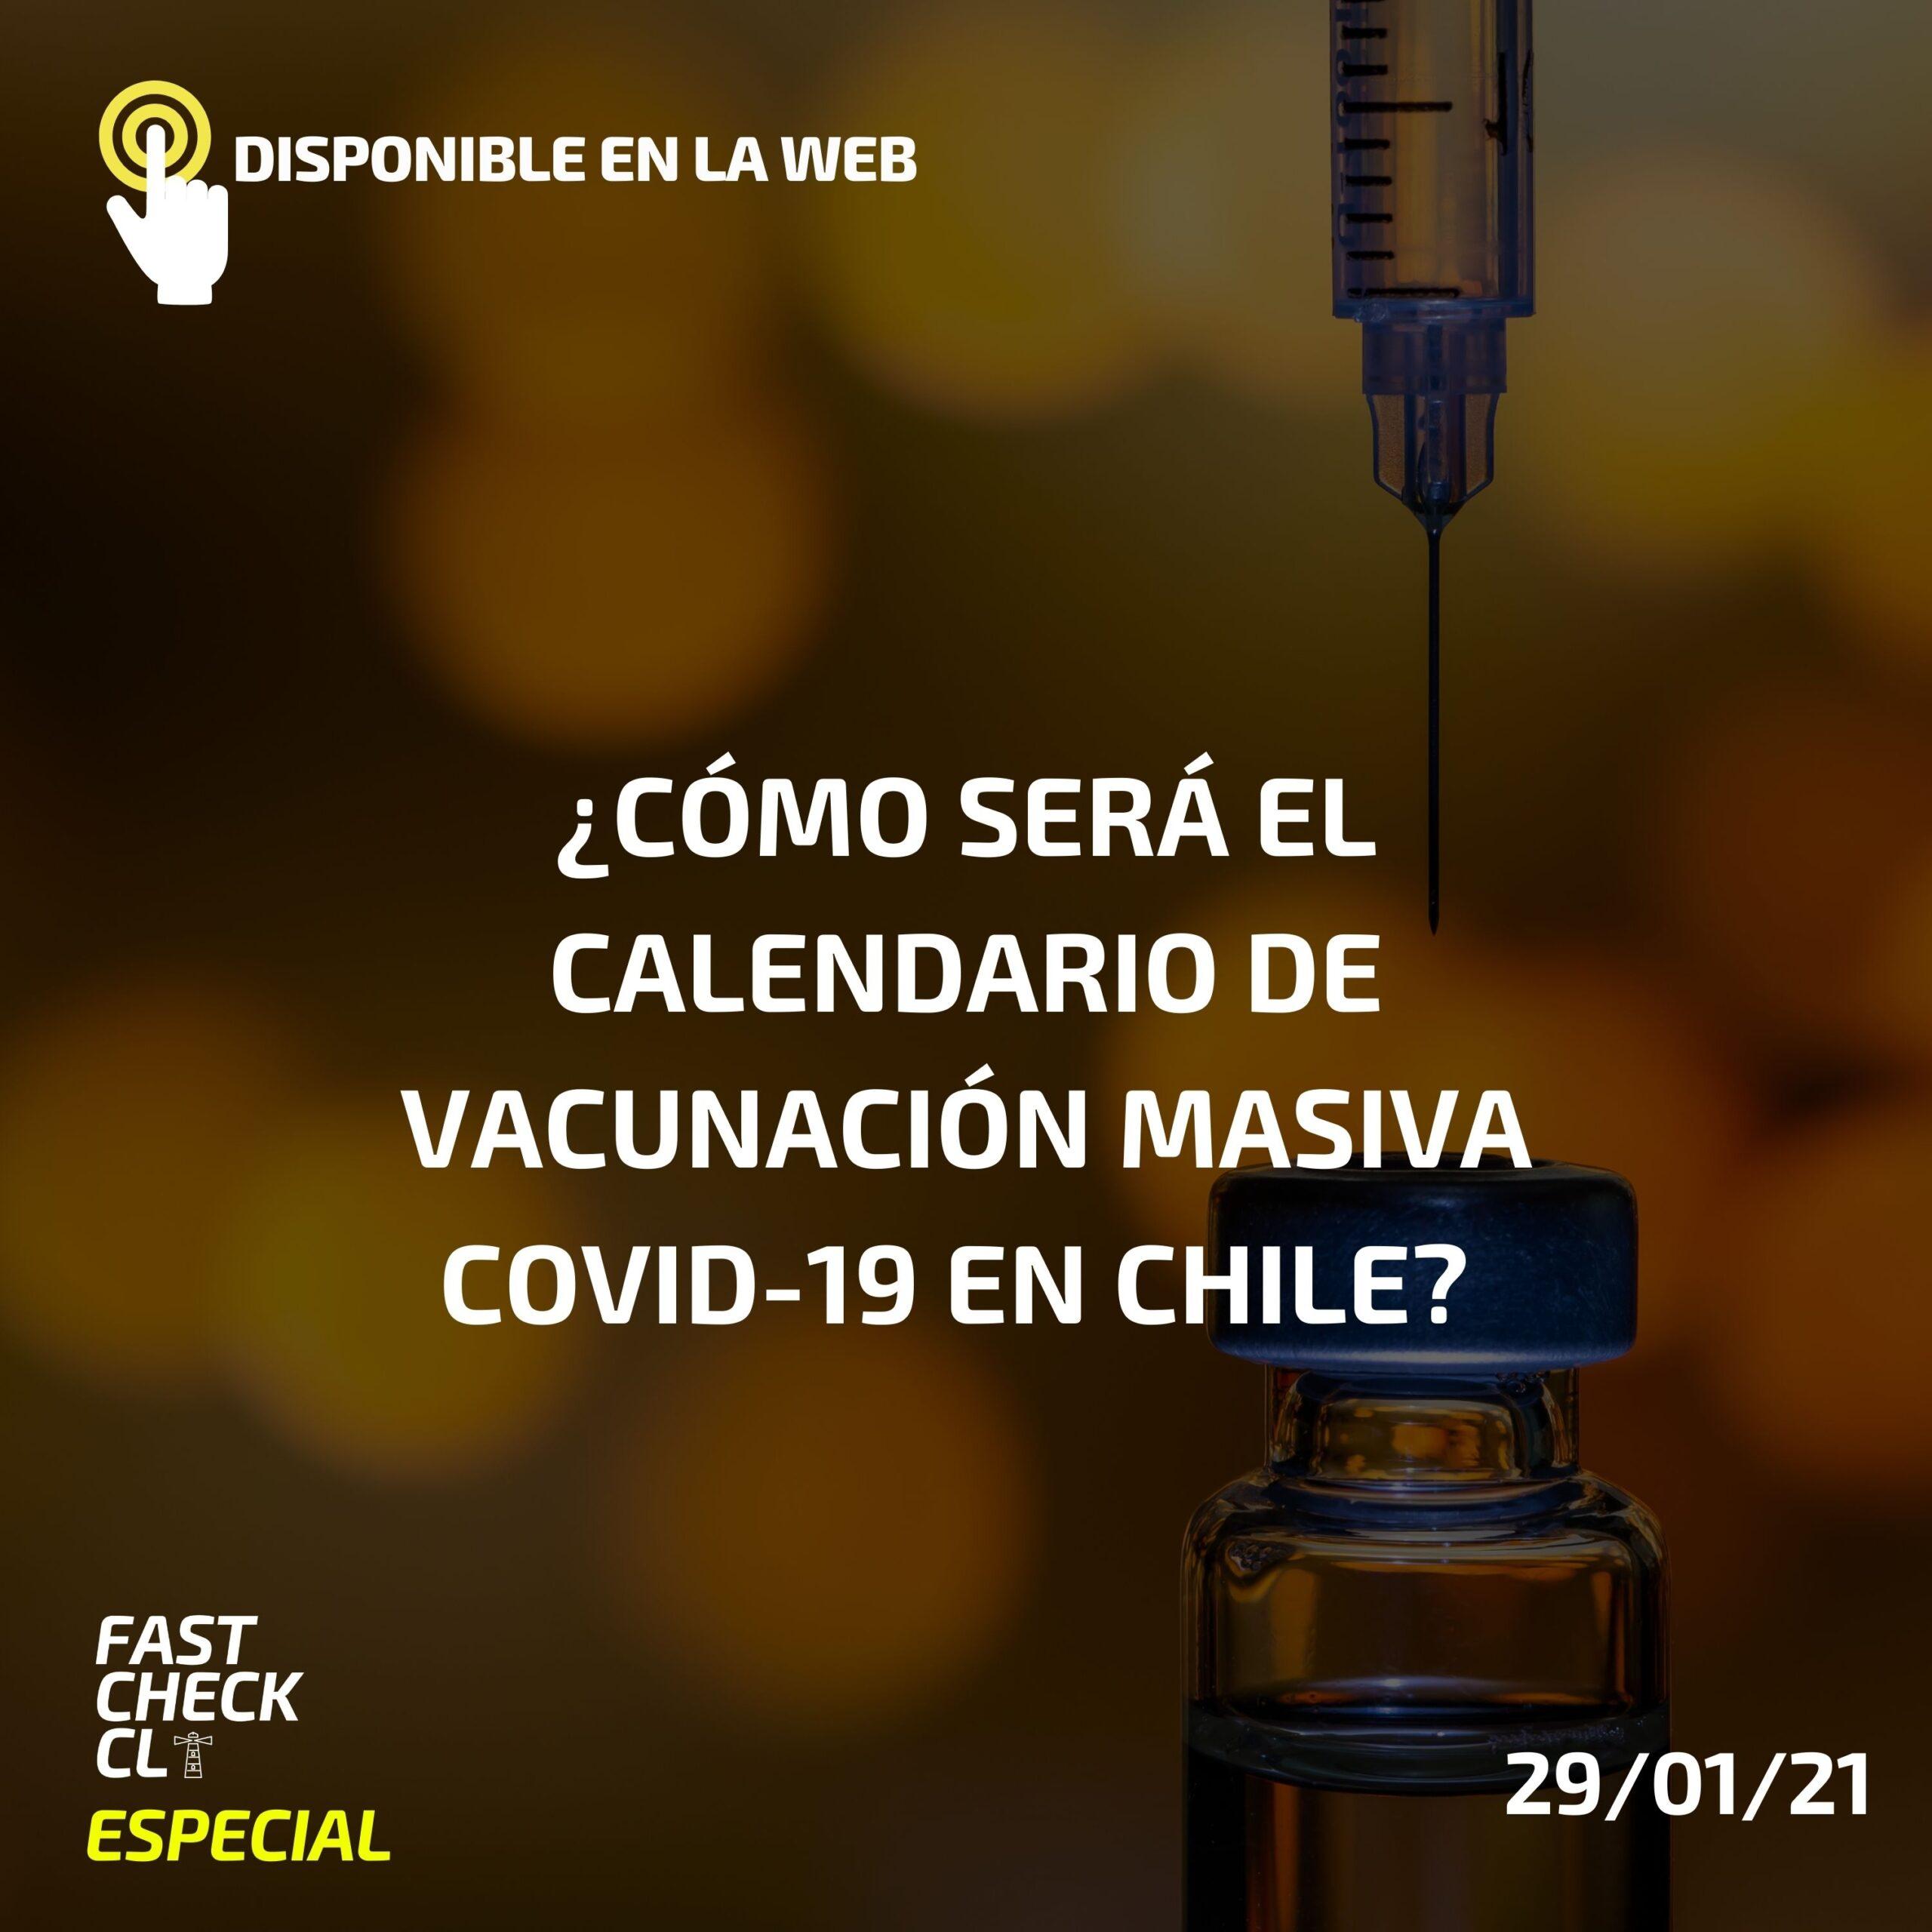 ¿Cómo será el calendario de vacunación masiva Covid-19 en Chile? Claves para entender el proceso